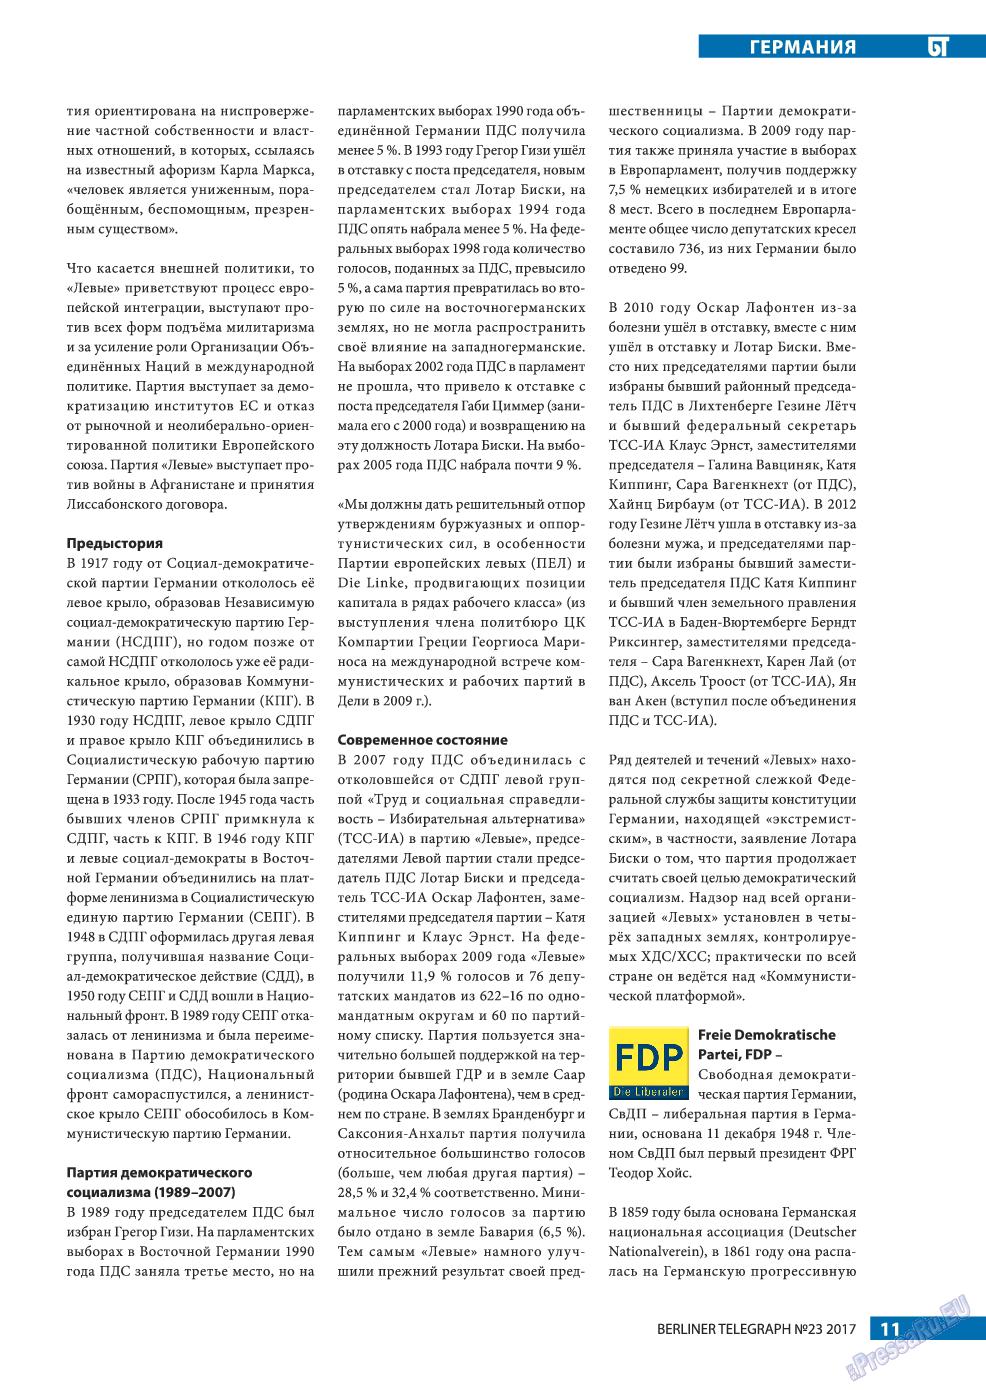 Берлинский телеграф (журнал). 2017 год, номер 23, стр. 11